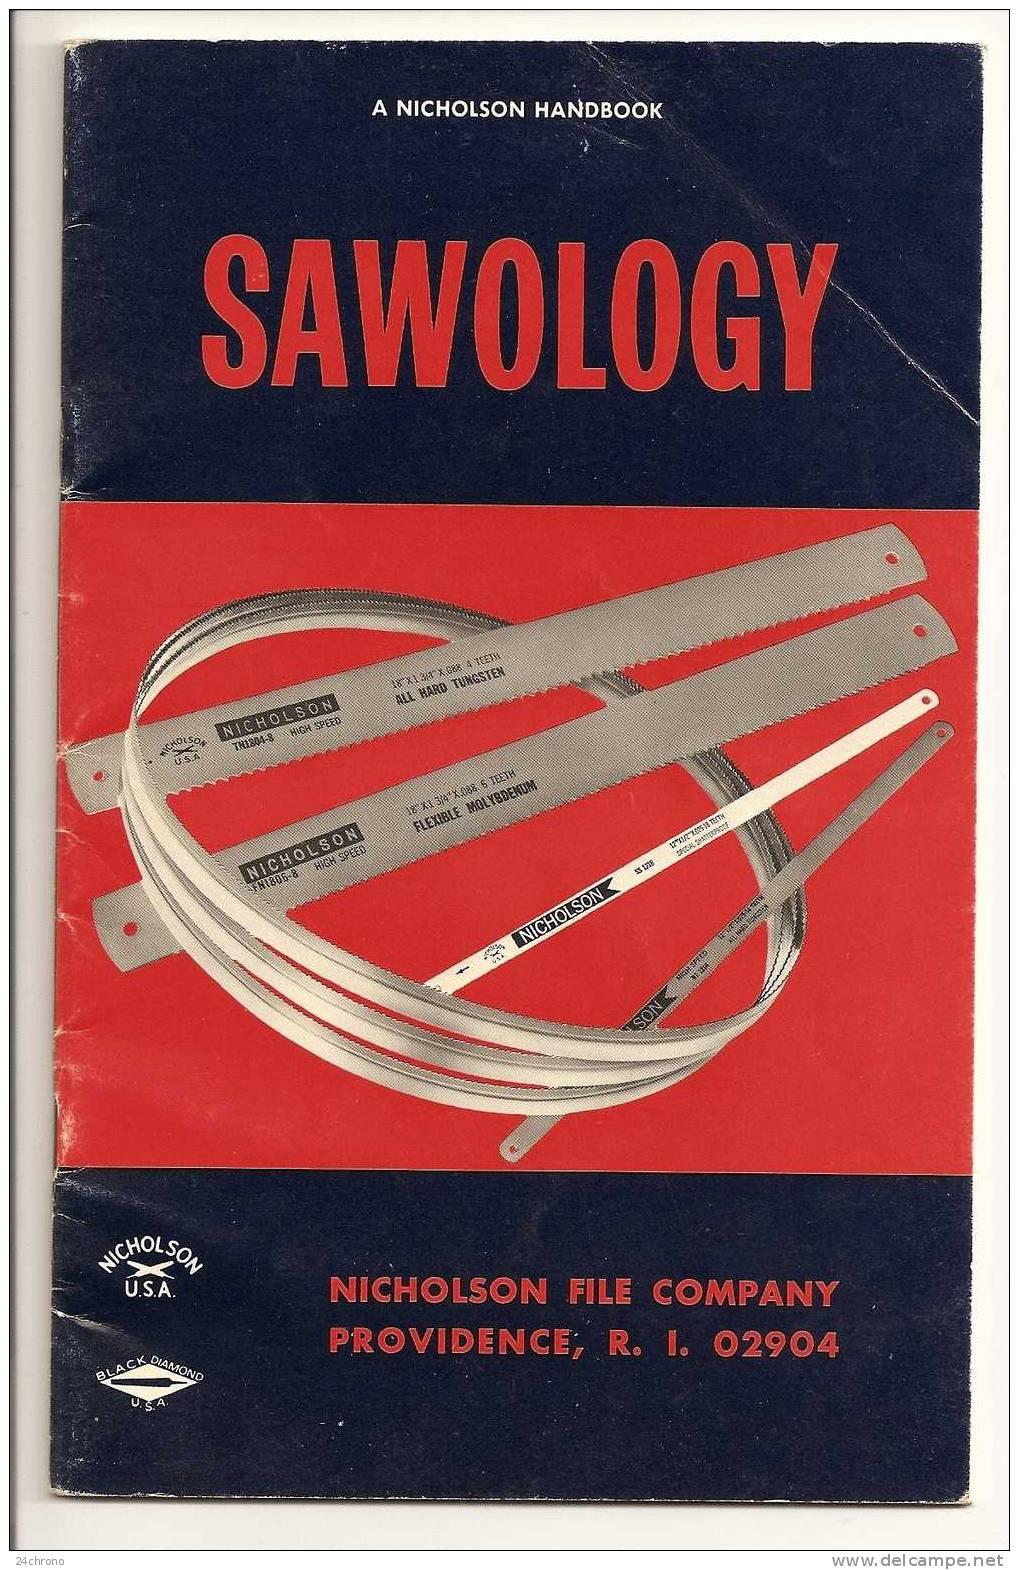 Catalogue Sur Les Lames De Scie, Sawology, Nicholson File Company, U.S.A., The Genealogy Of Saws (09-1265) - Livres, BD, Revues